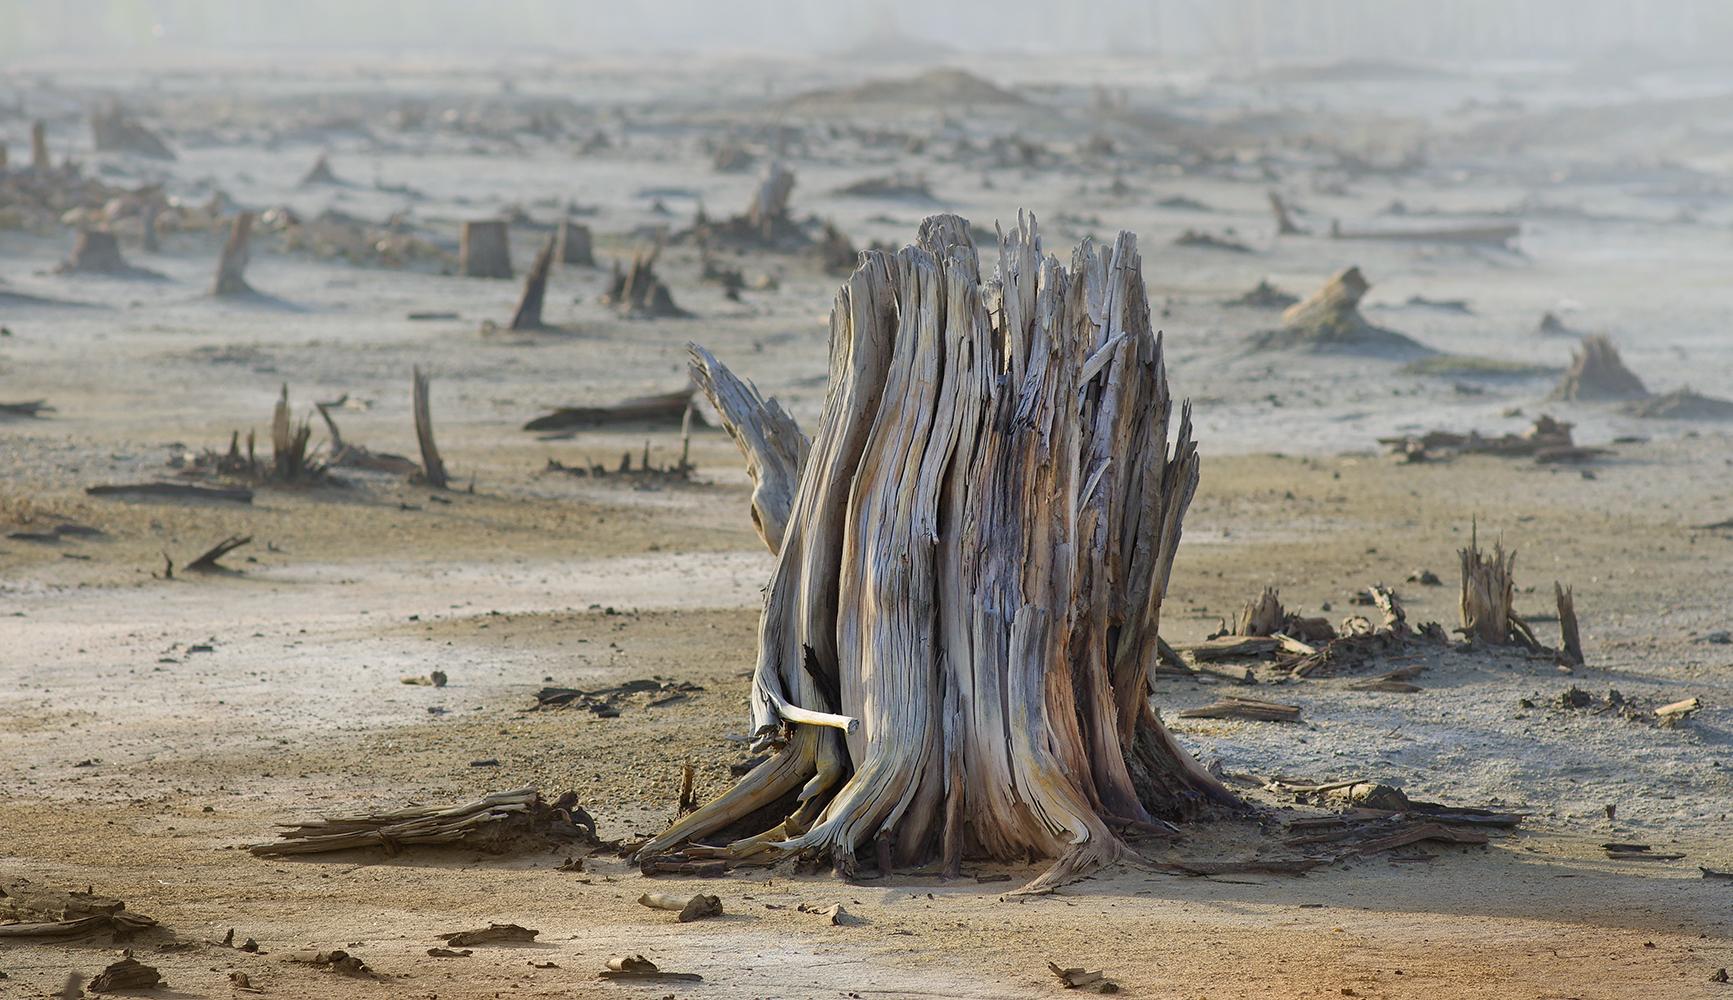 20世紀初めに、カラバシュで銅採掘が 始まった。銅鉱石の採掘と製錬が数十年間続けられた後、街は環境破壊著しい場所に変わった。ソ連時代は環境問題がさほど重視されていなかったため、コンビナートには当初処理施設がなかった。